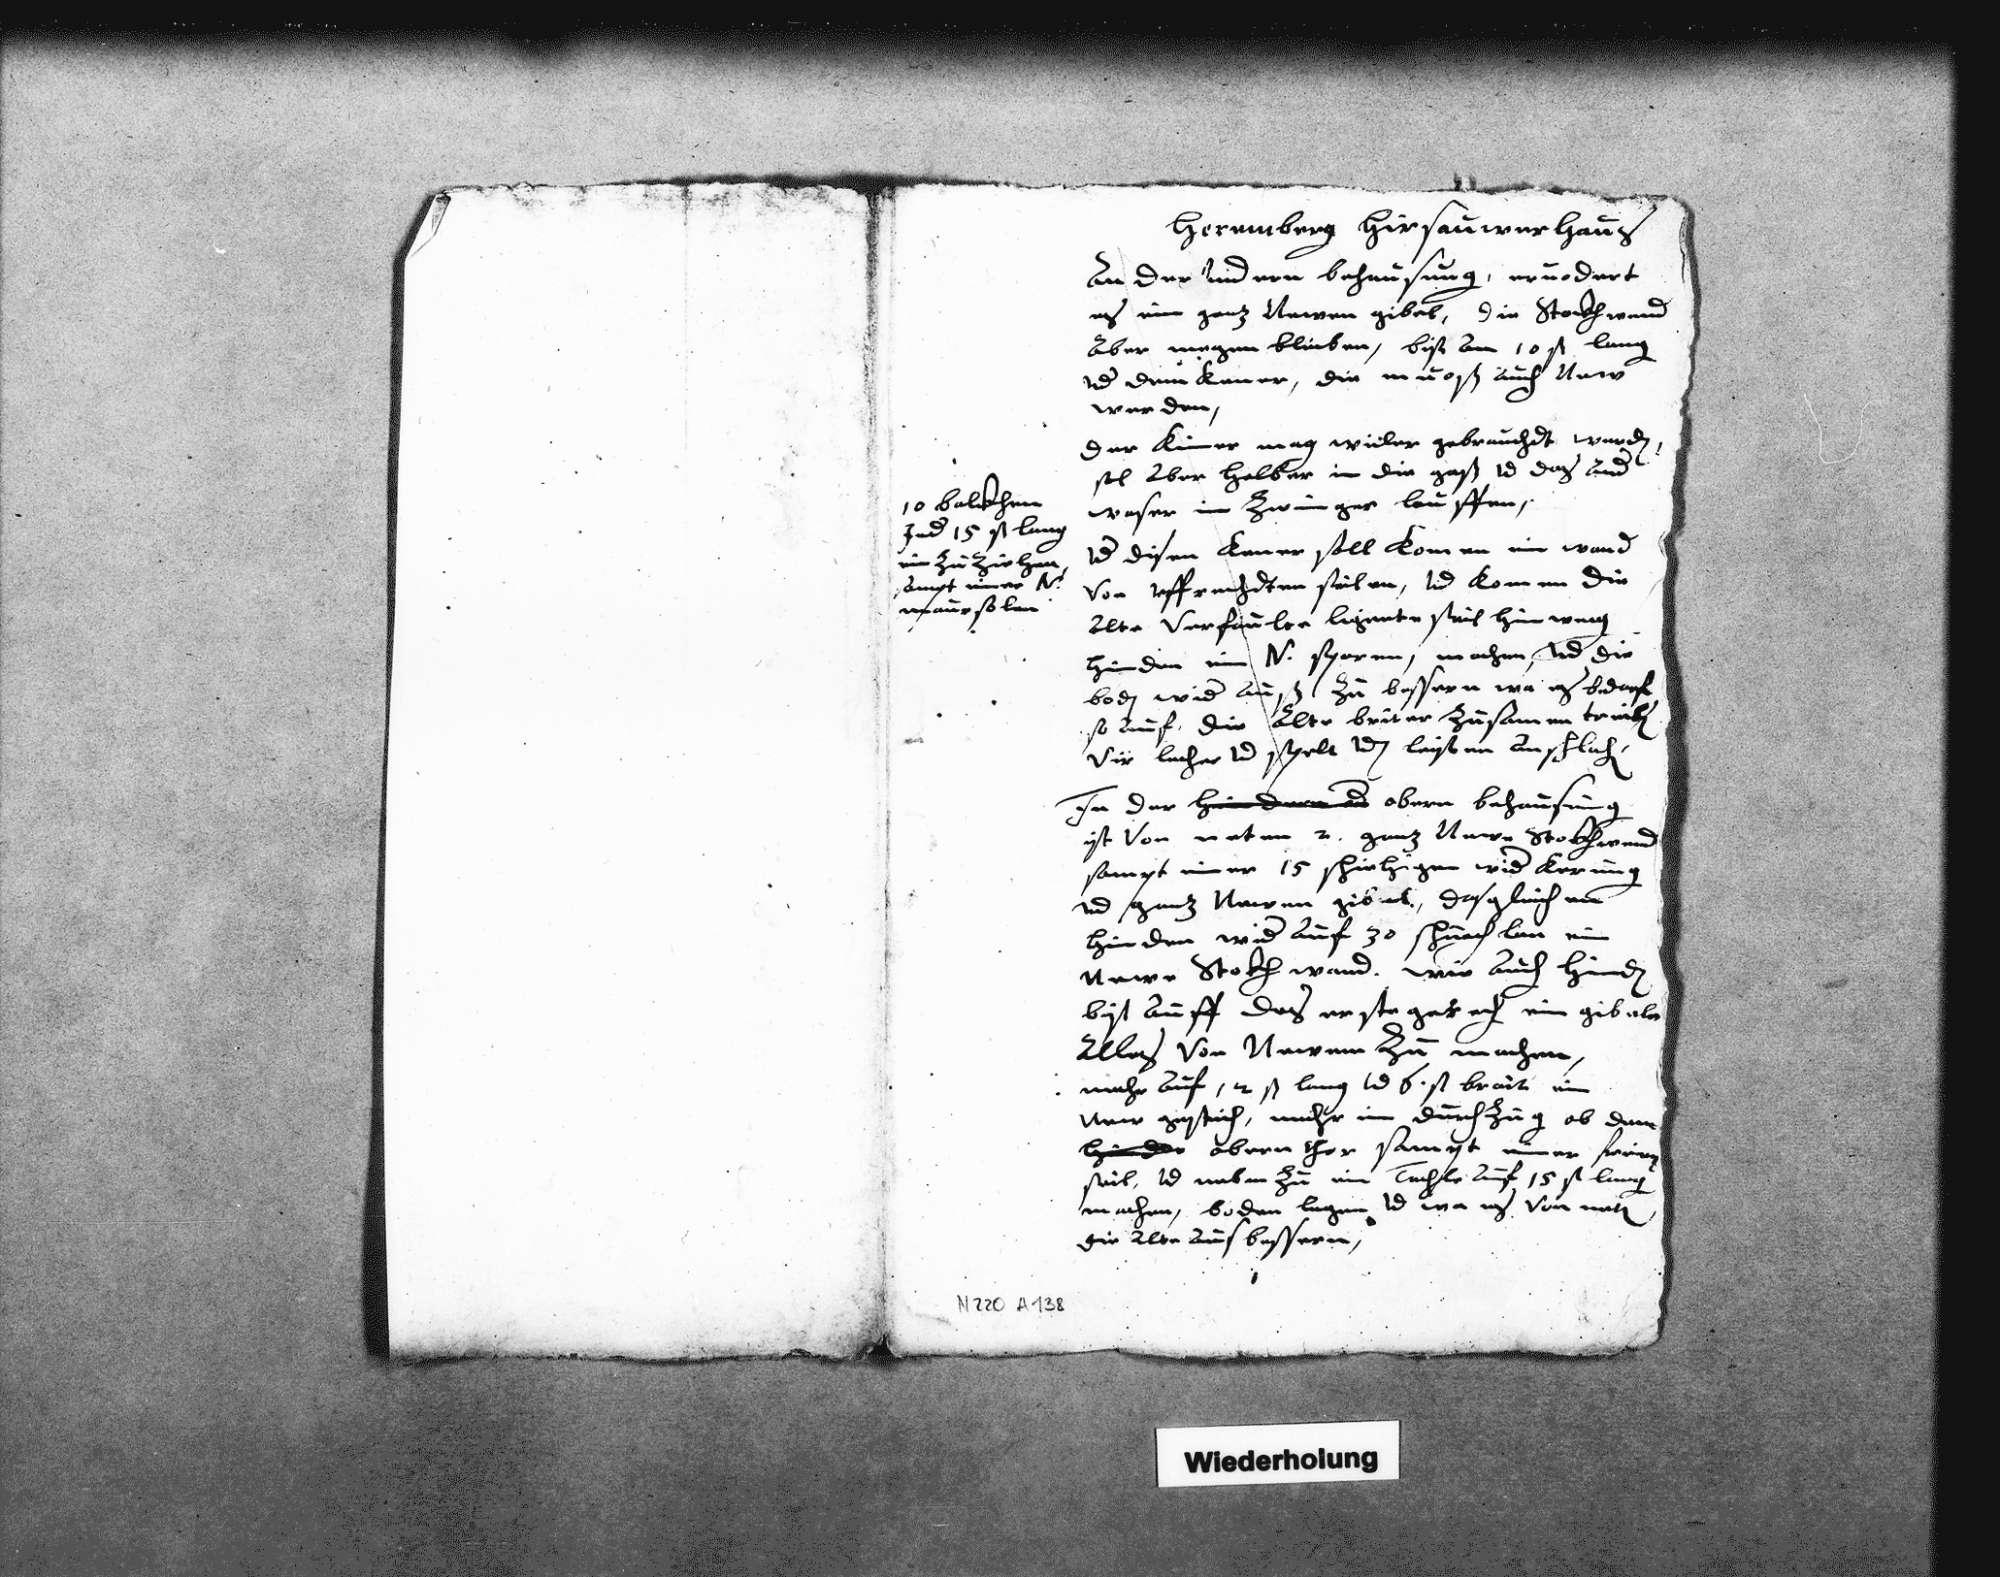 Kostenvoranschläge und Gutachten zur Instandsetzung des oberen und unteren Teils des Hirsauer Hauses in Herrenberg, 1614 (6 Folio); Schreiben des Pflegers in Gültstein dazu, 2. Juli 1614 (Folio), Bild 3